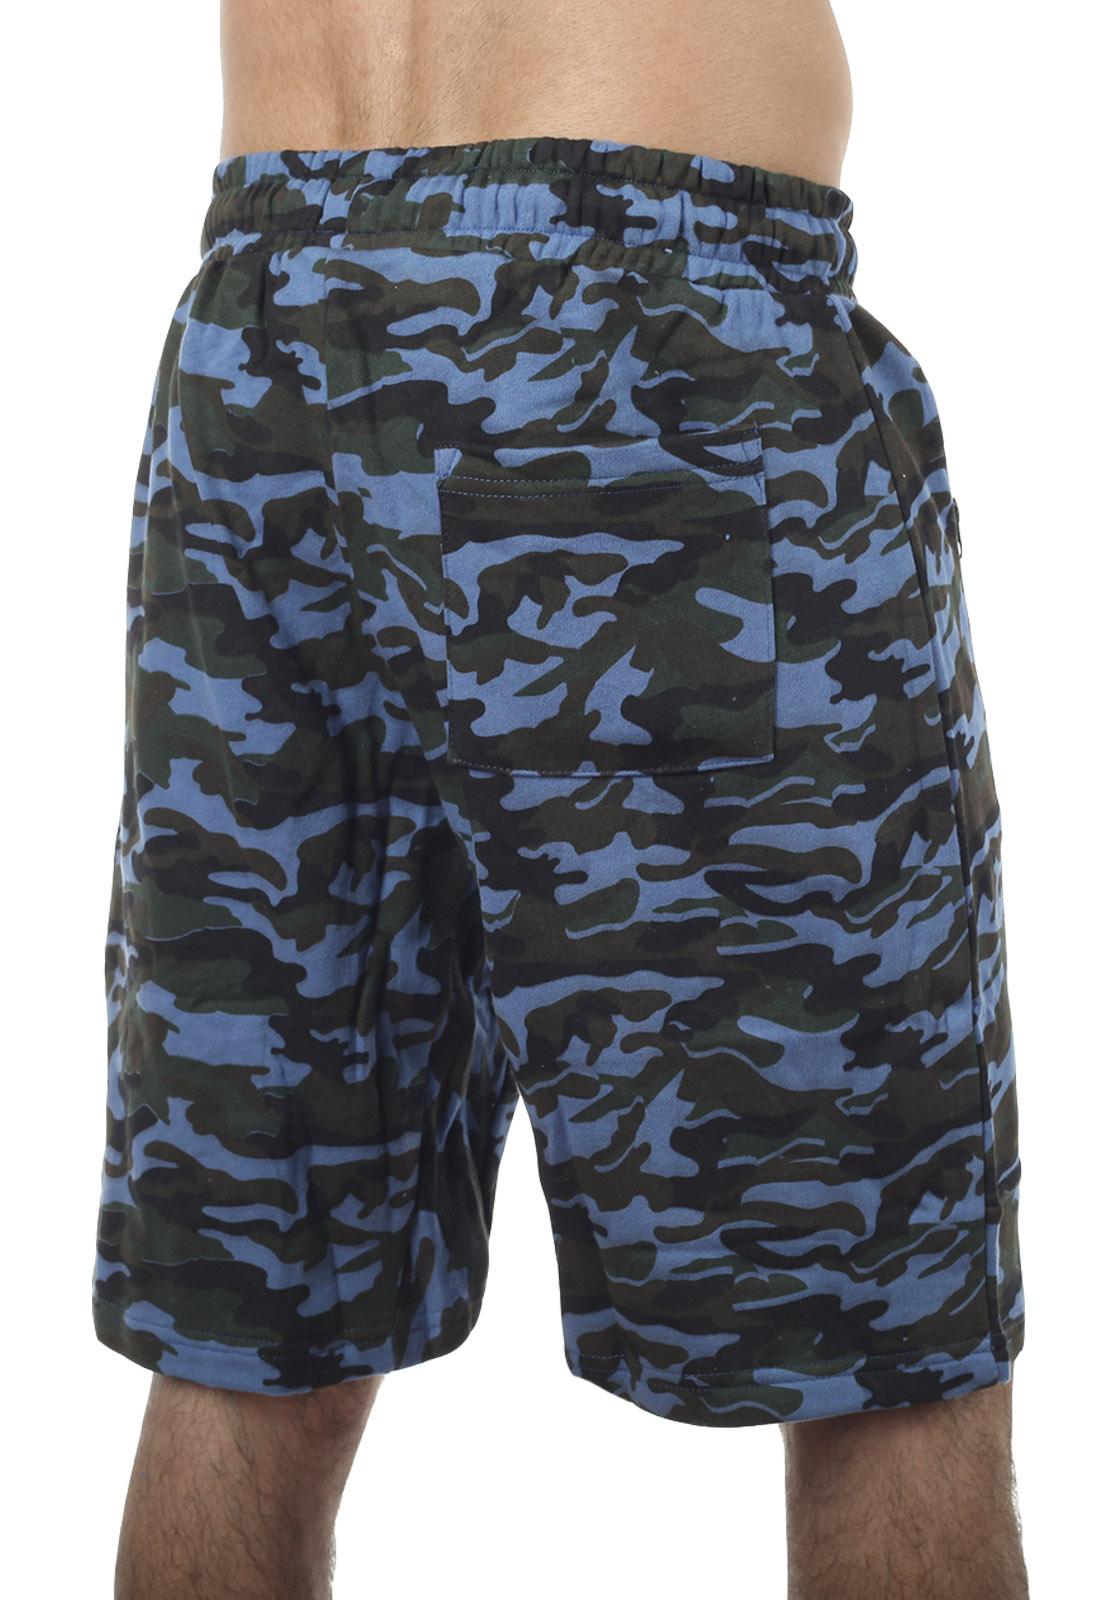 Продажа спецназовской одежды: бейсболки, шорты, толстовки, футболки